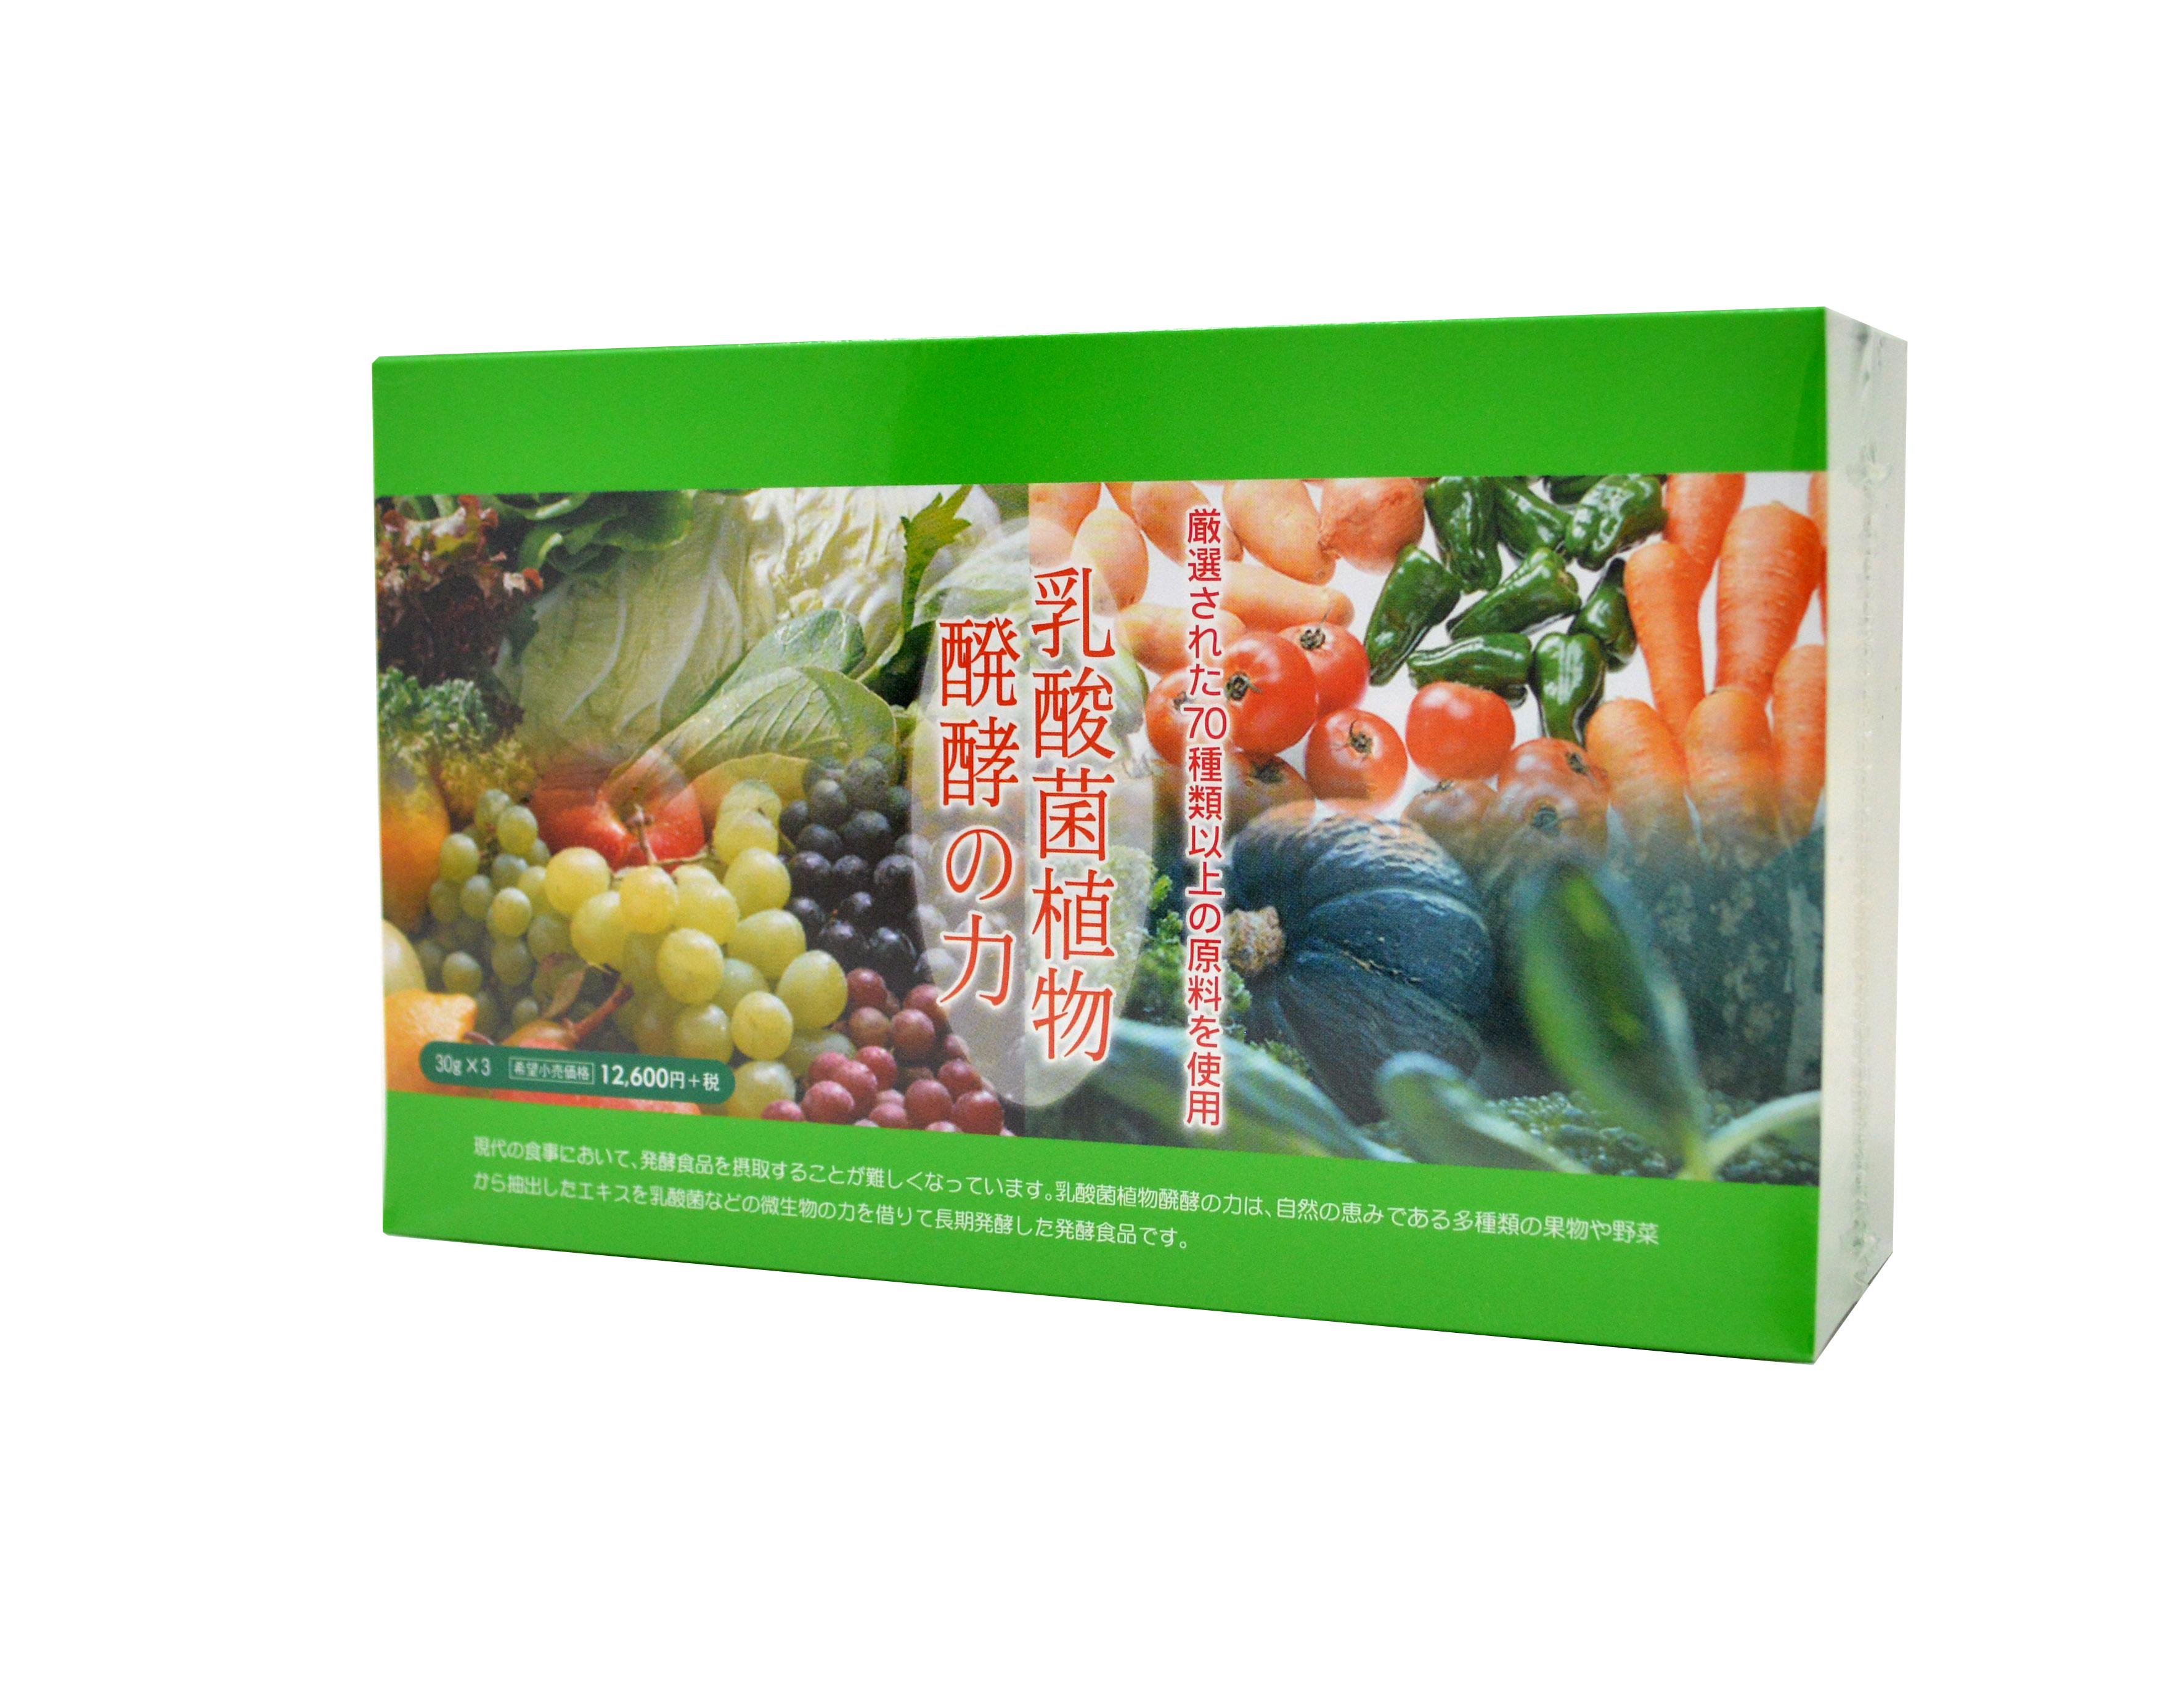 乳酸菌植物発酵の力